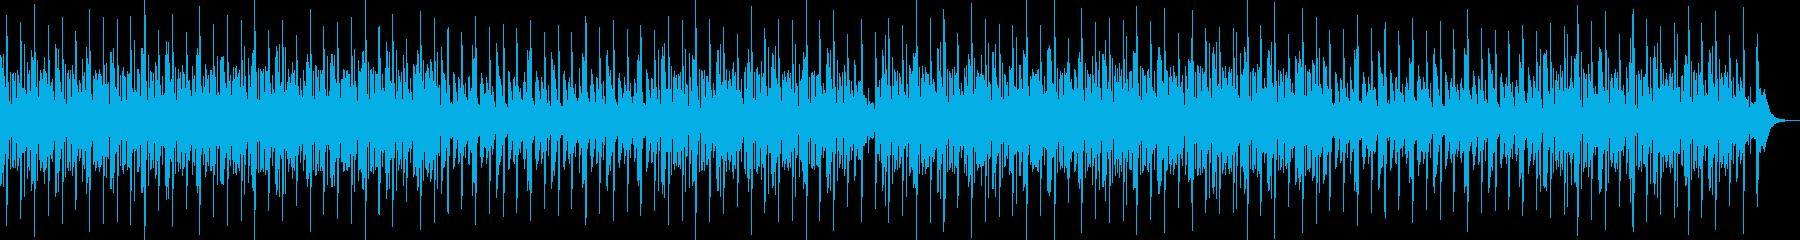 おしゃれ・着物・和風・EDMの再生済みの波形